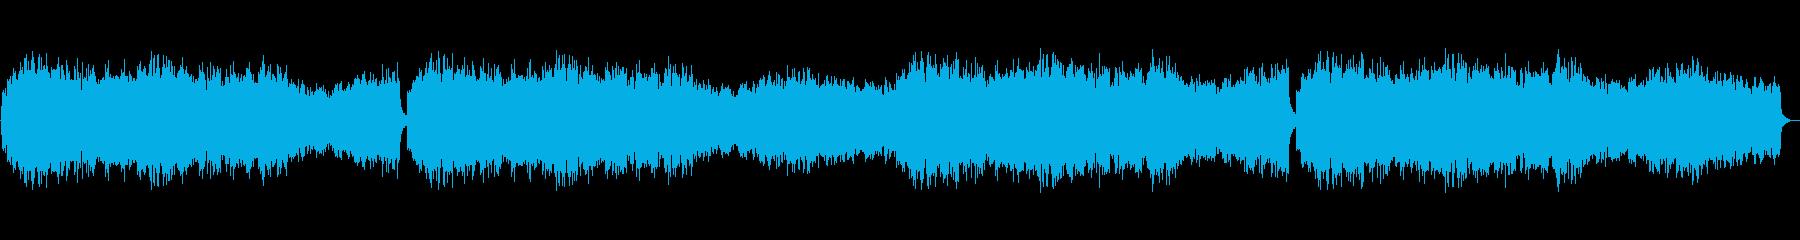 コーラスメインのBGM ゴシックの再生済みの波形